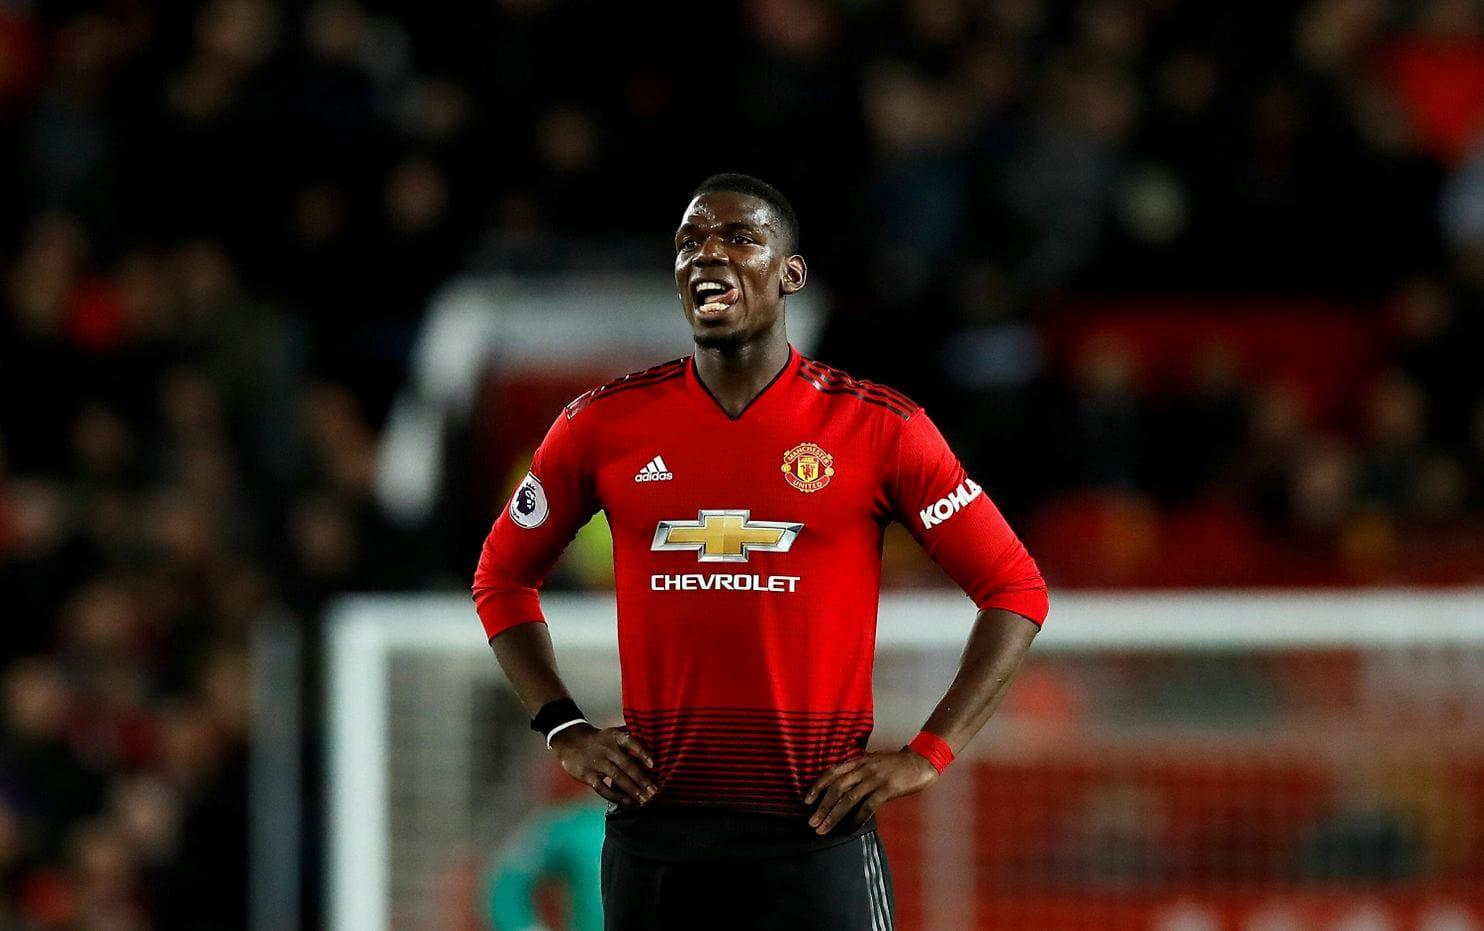 Đại diện huỷ cuộc họp với sếp lớn, Pogba coi như đã rời Man Utd - Bóng Đá